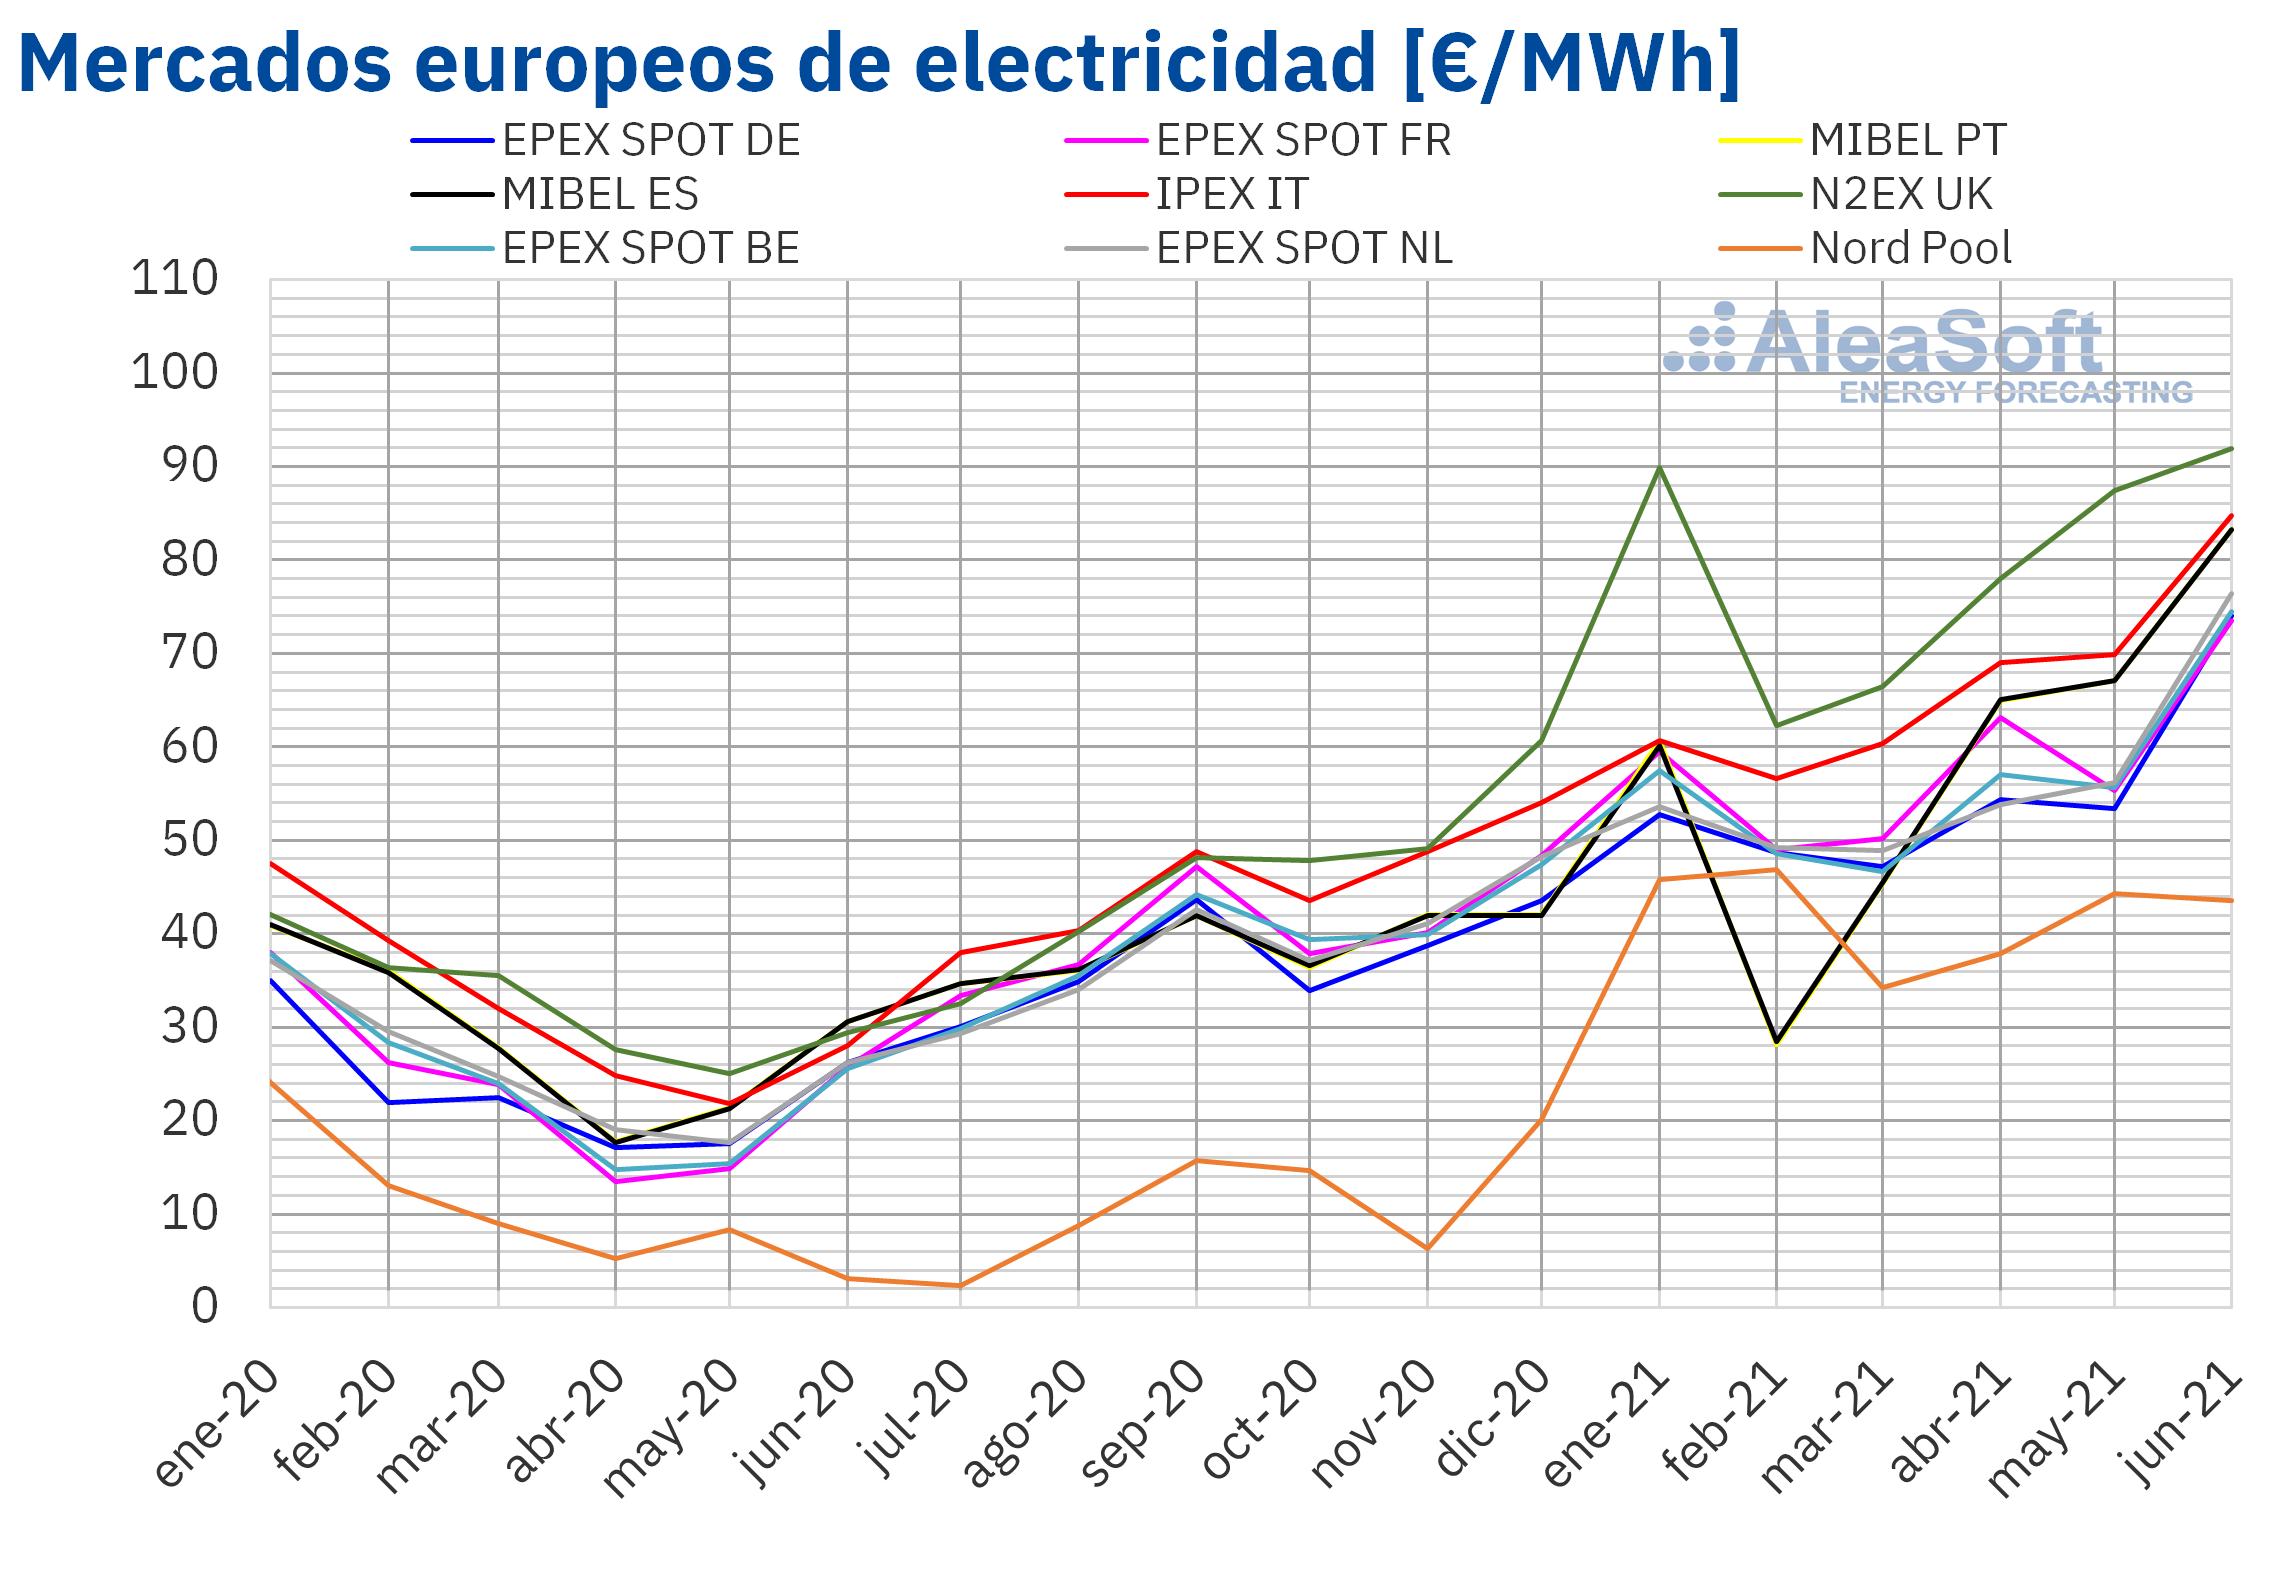 AleaSoft: Máximos históricos en los mercados de energía europeos en la primera mitad de 2021